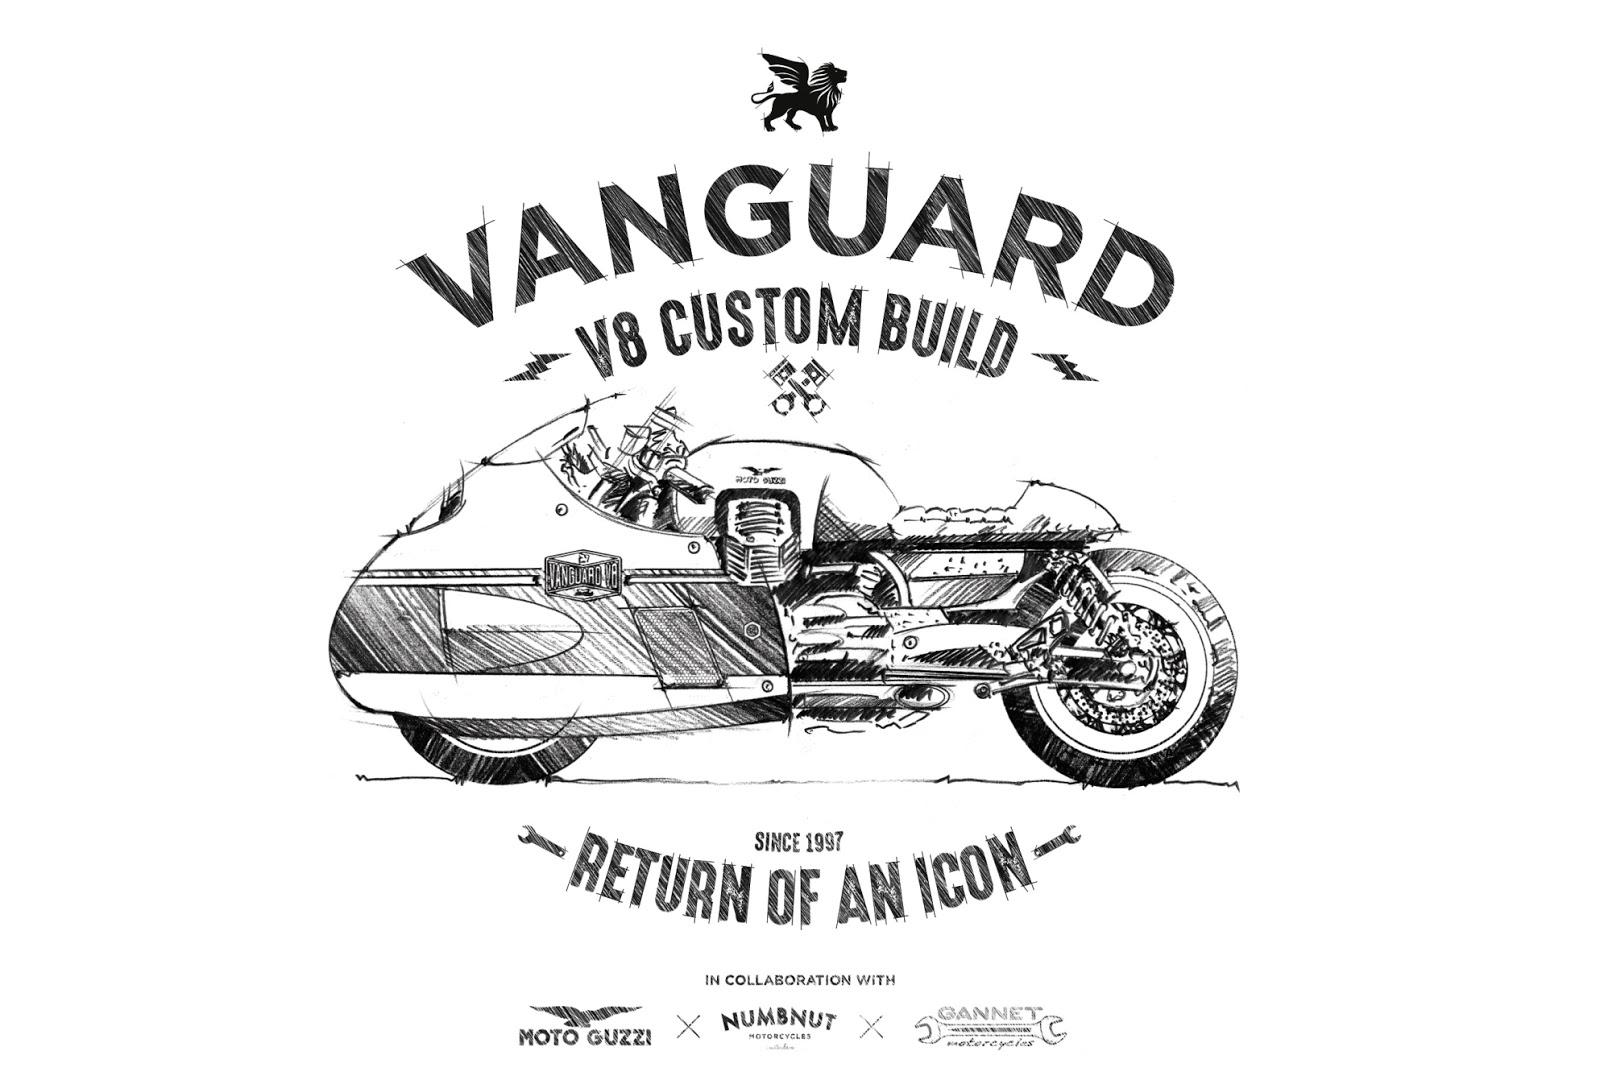 Vanguard V8